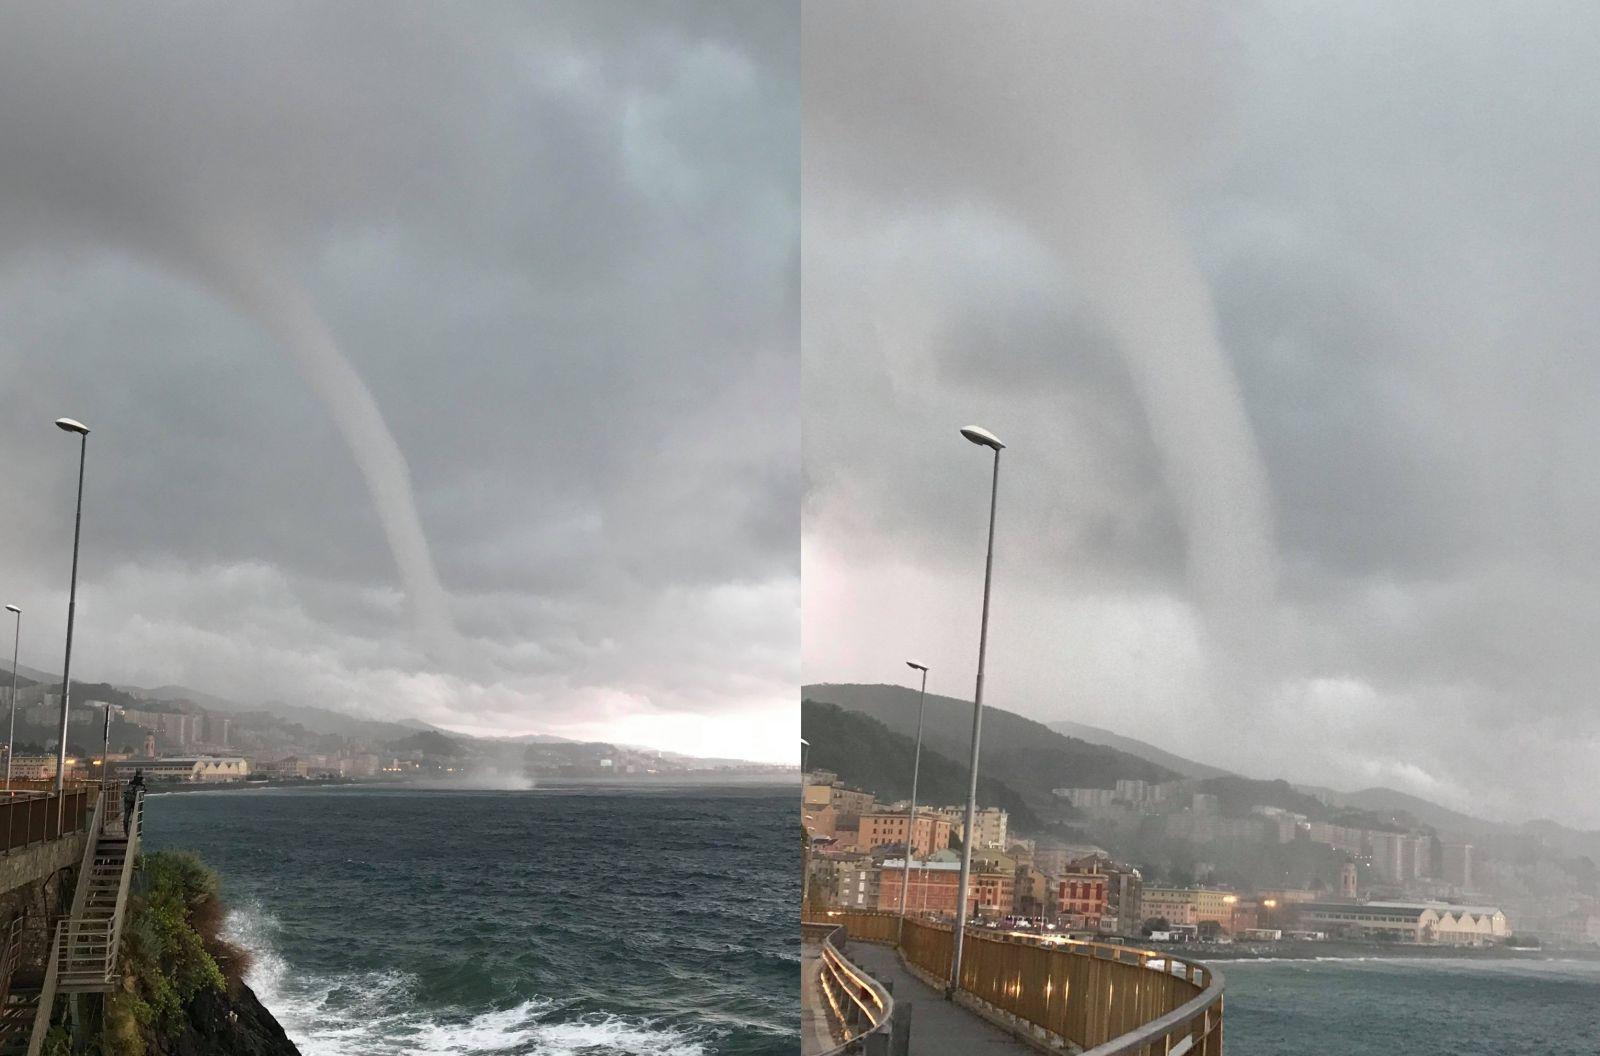 Image d'illustration pour Pourquoi y a-t-il autant de trombes marines près de Gênes ?